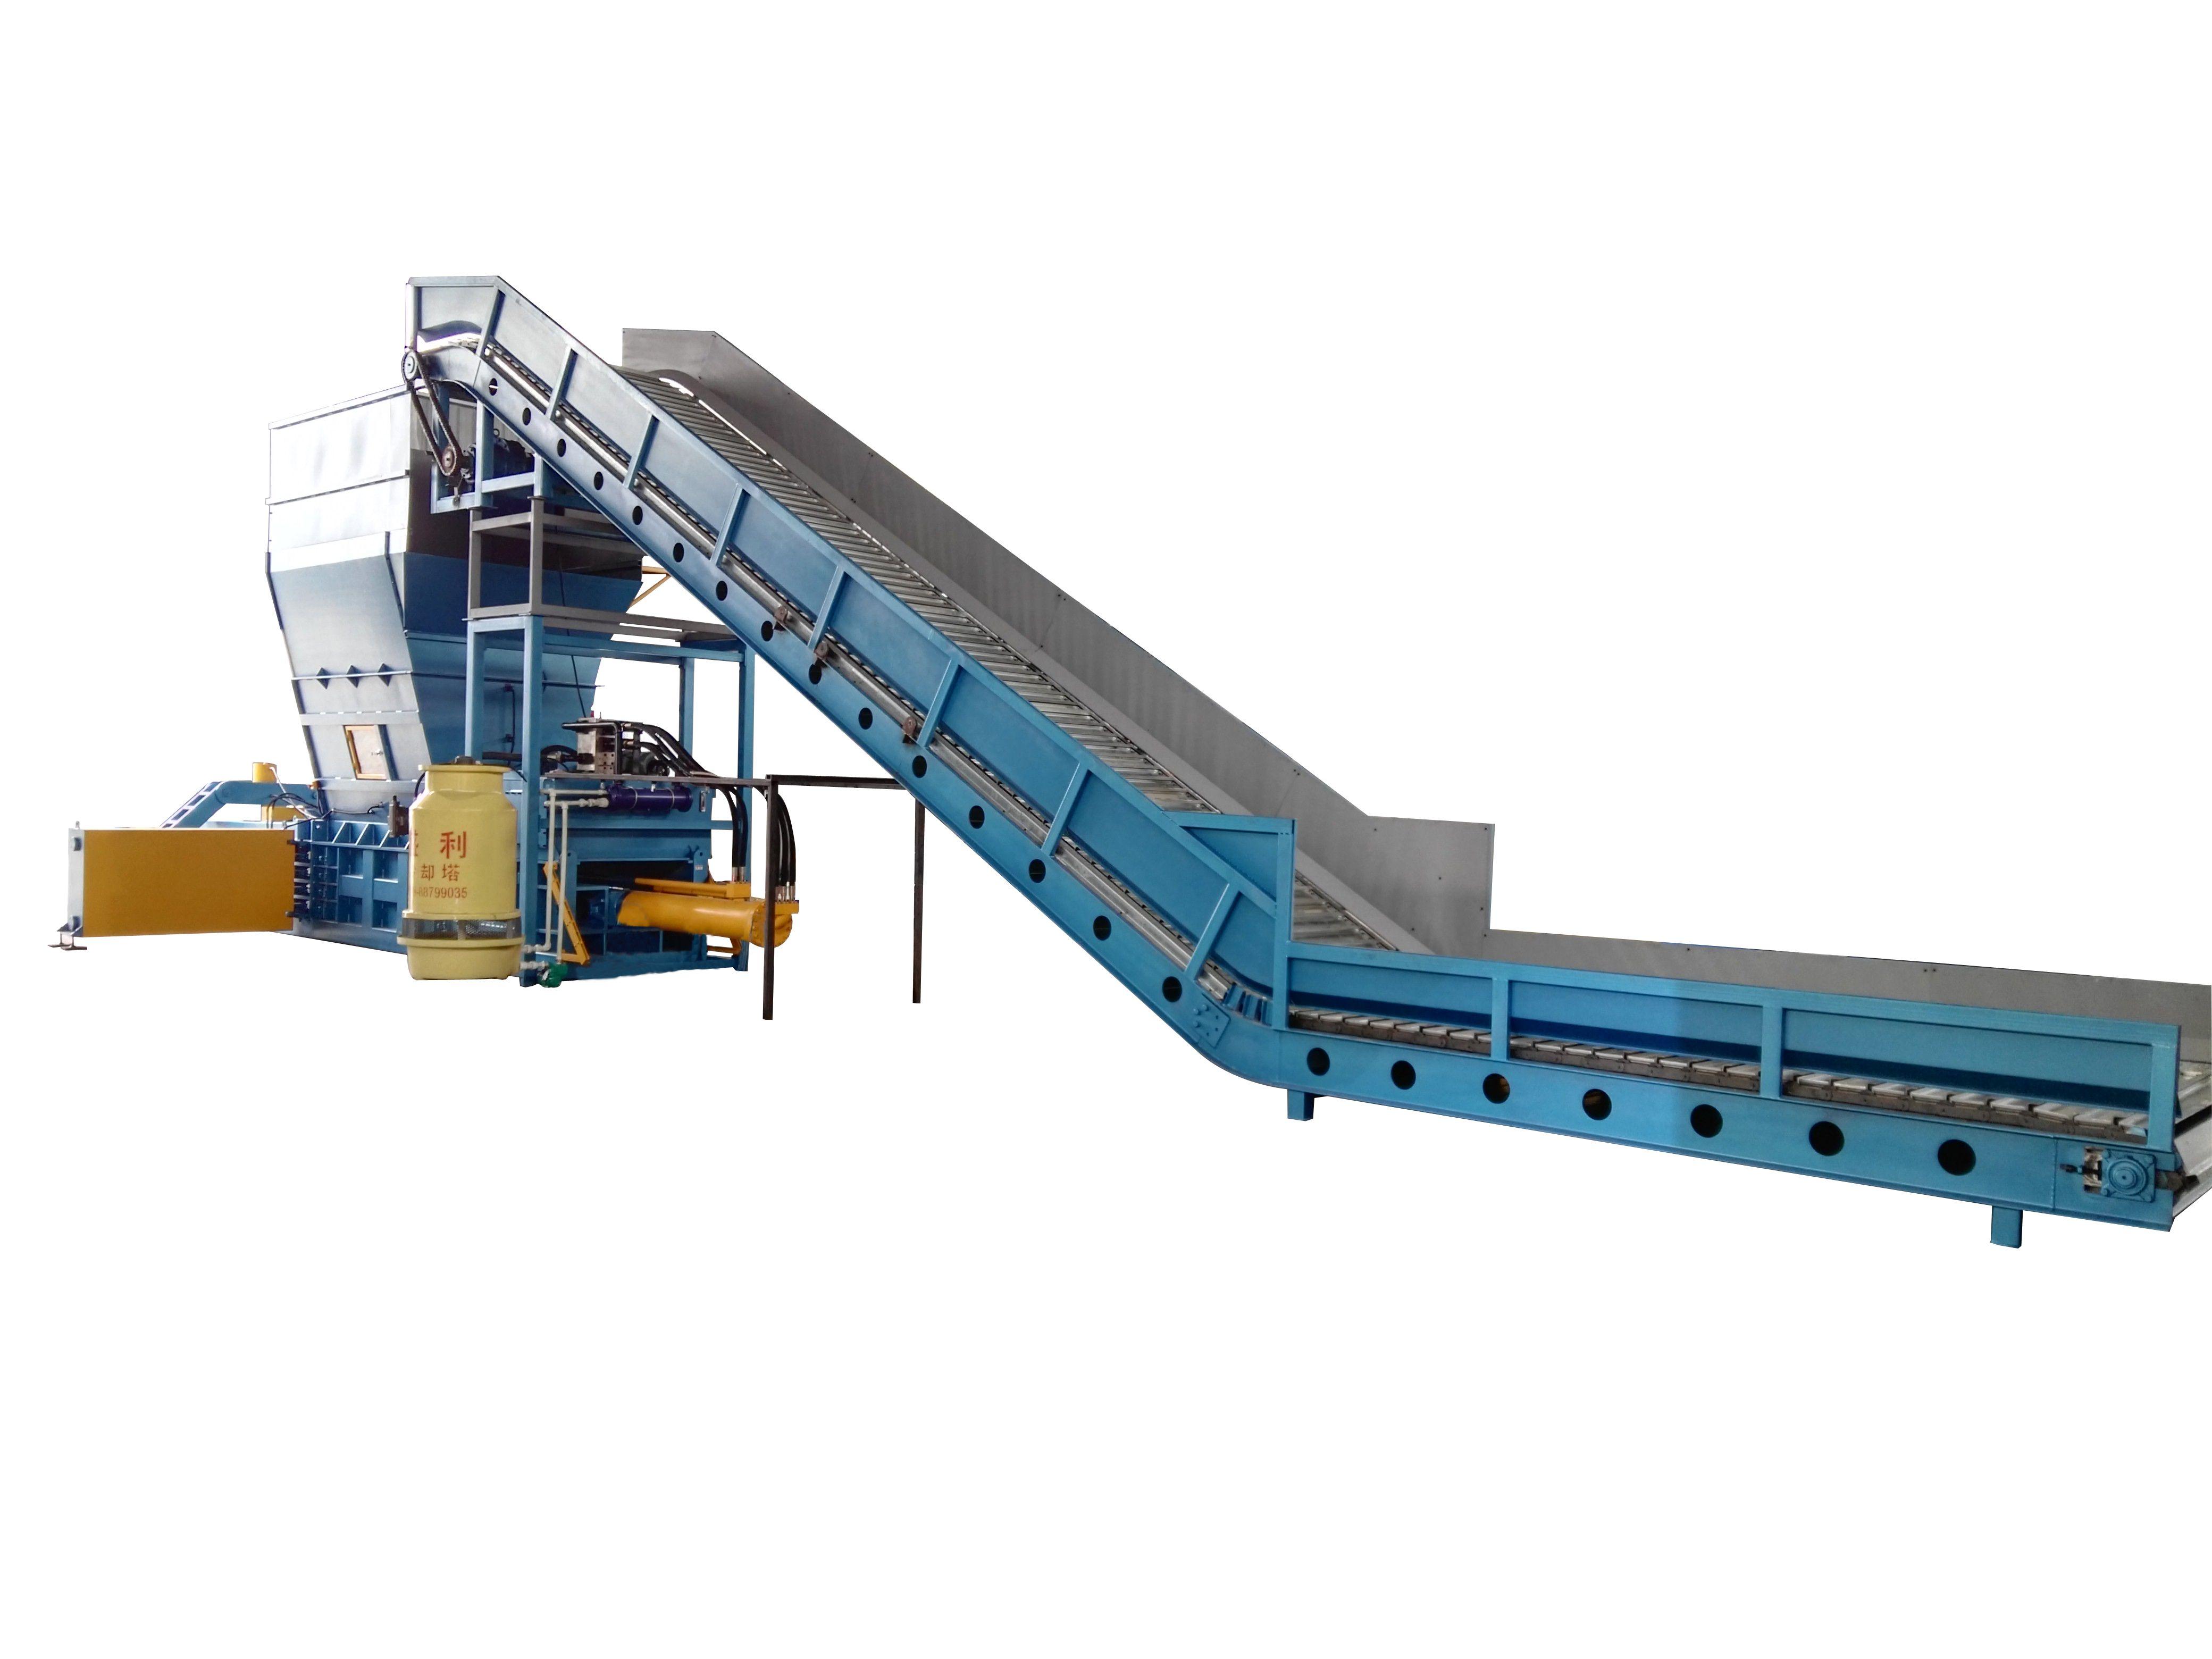 废纸打包机生产厂家